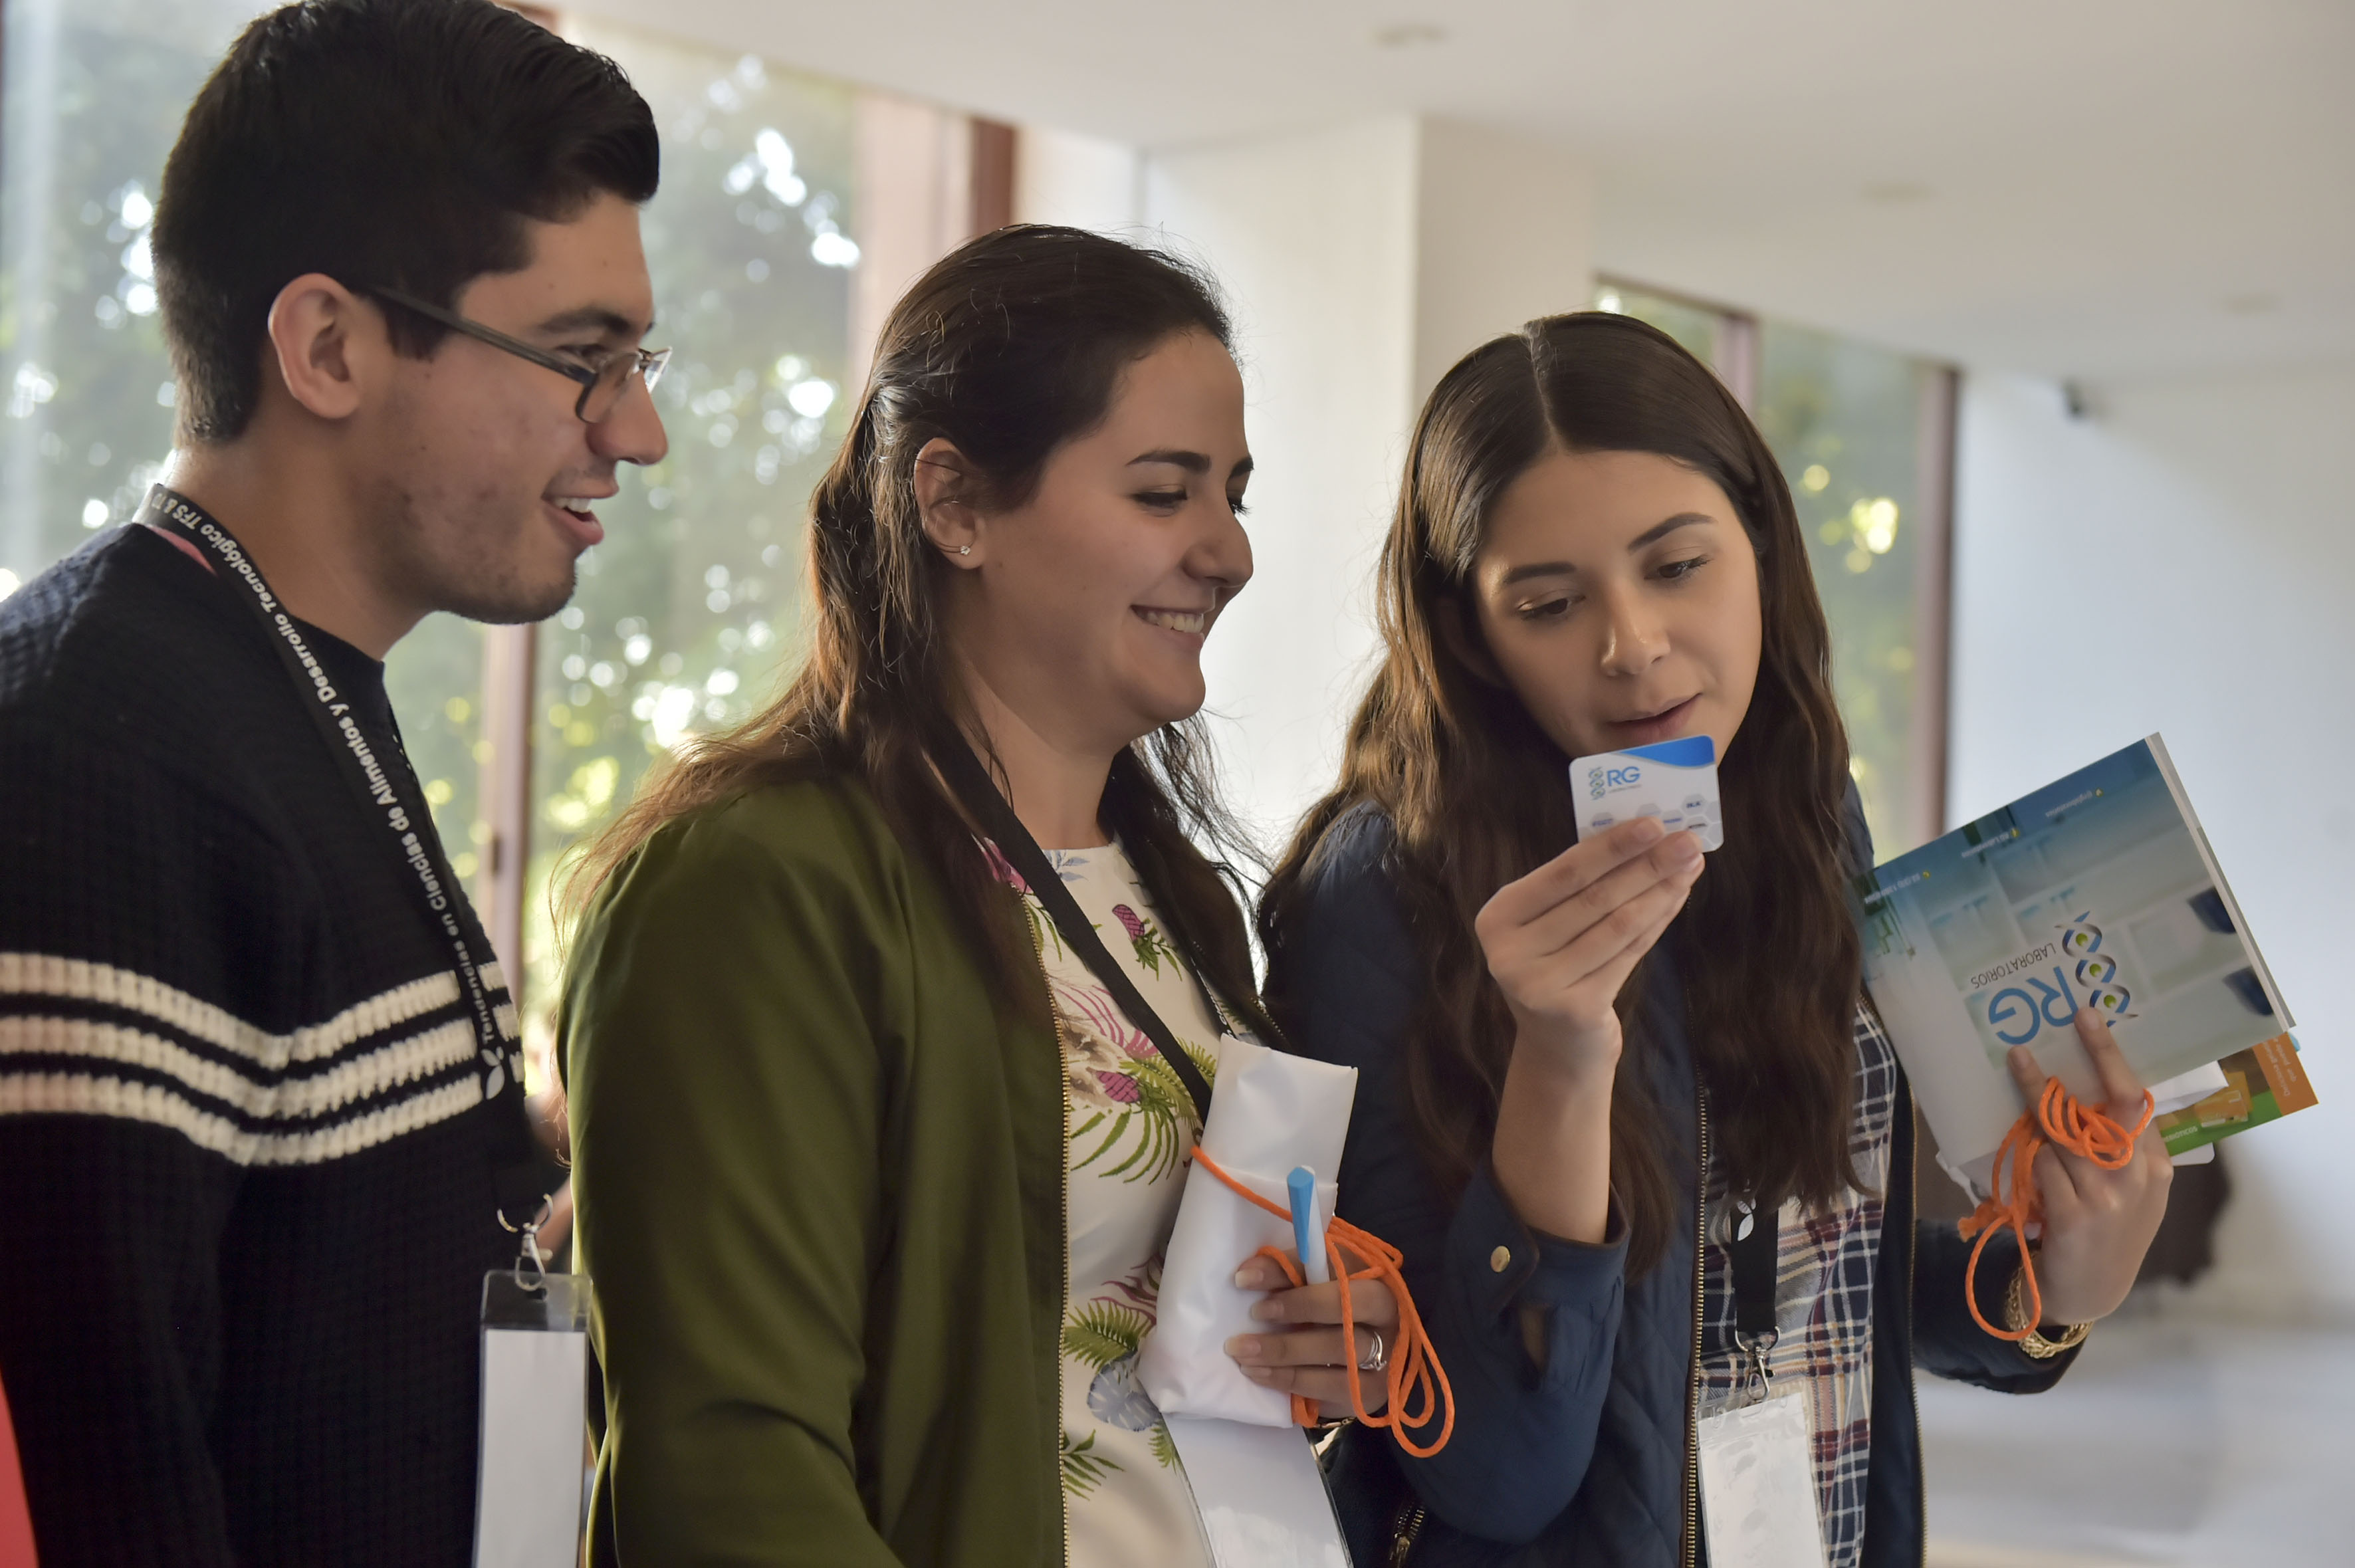 Estudiantes universitarios asistentes al Congreso, recopilando y revisando información de instituciones y laboratorios que ofrecían sus servicios.